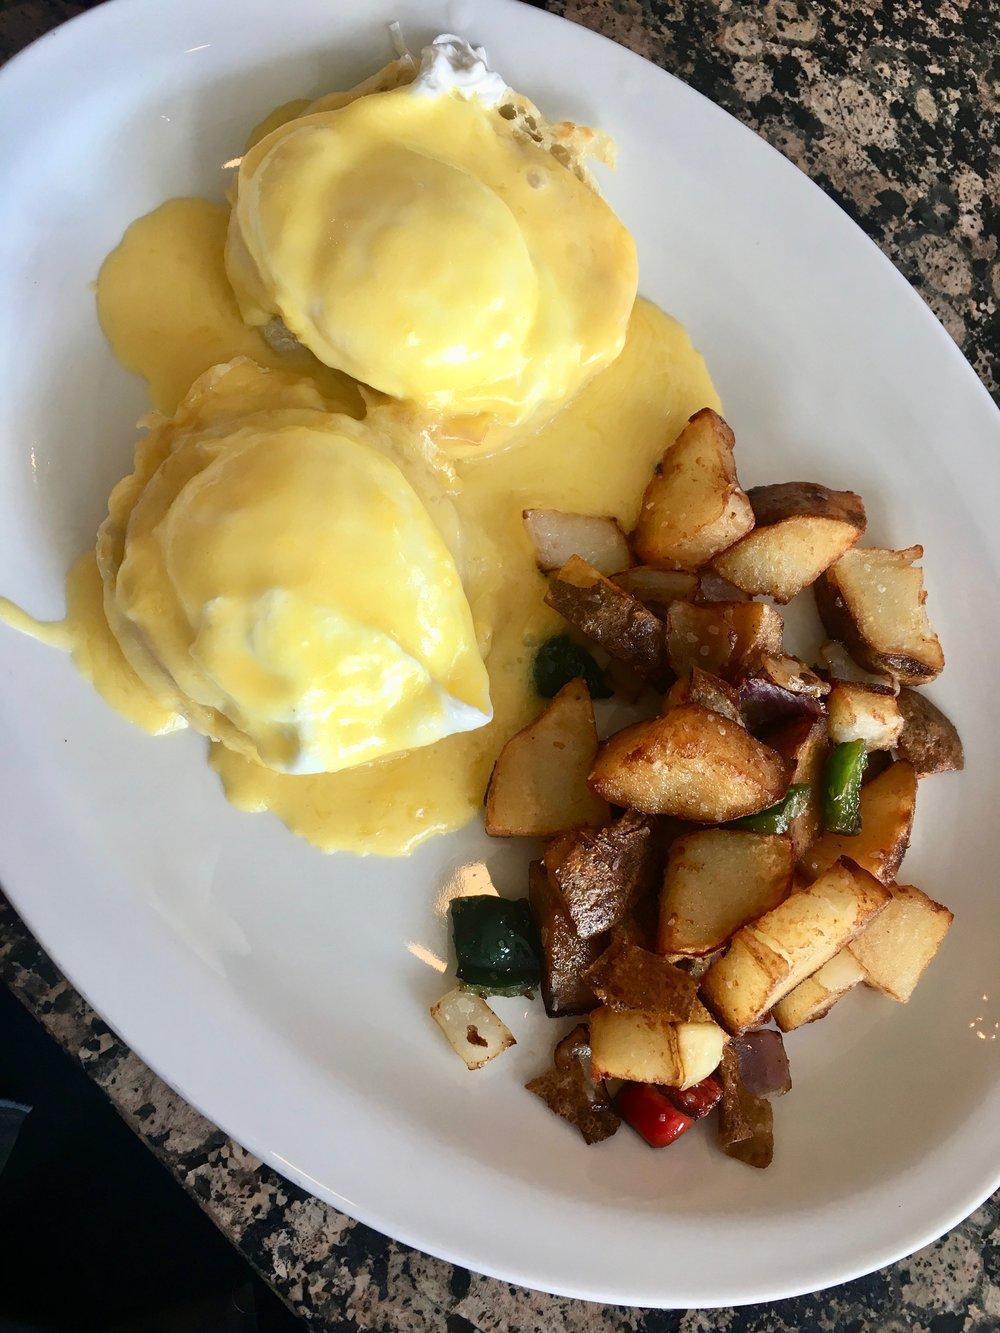 congo-room-eggs-benedict.jpg